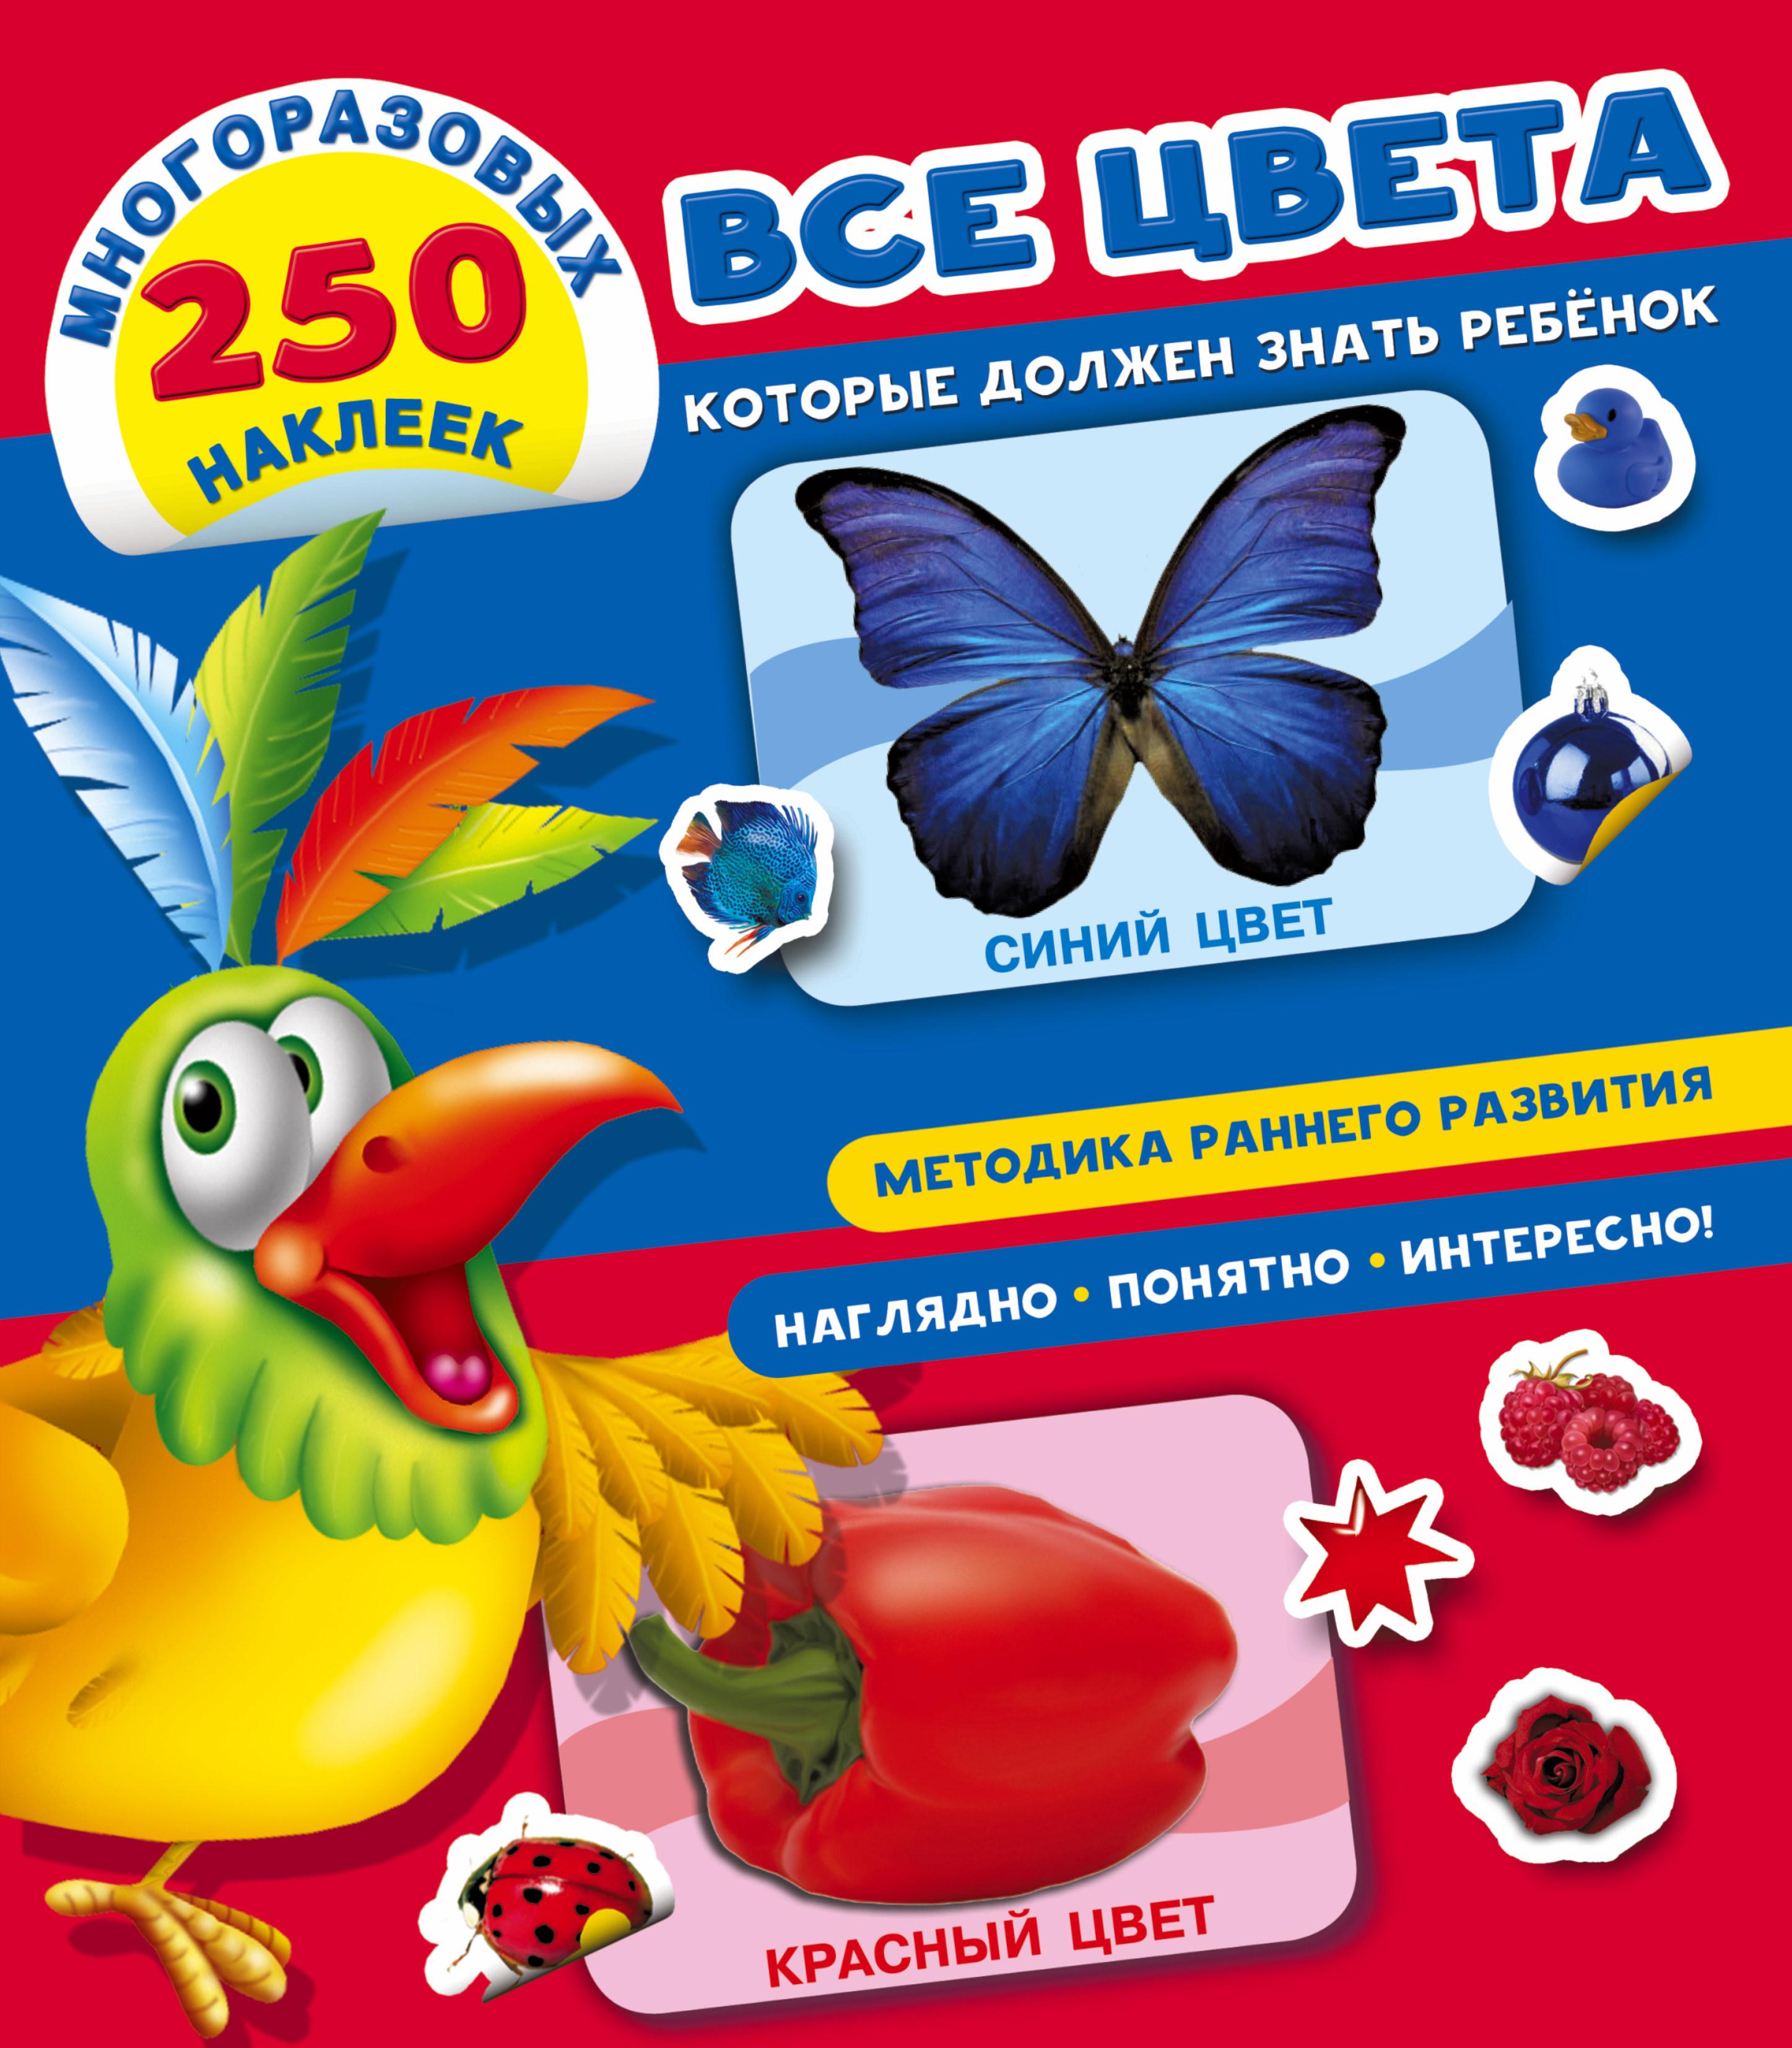 Дмитриева Валентина Геннадьевна Все цвета, которые должен знать ребенок дмитриева в г все цифры и фигуры которые должен знать ребенок